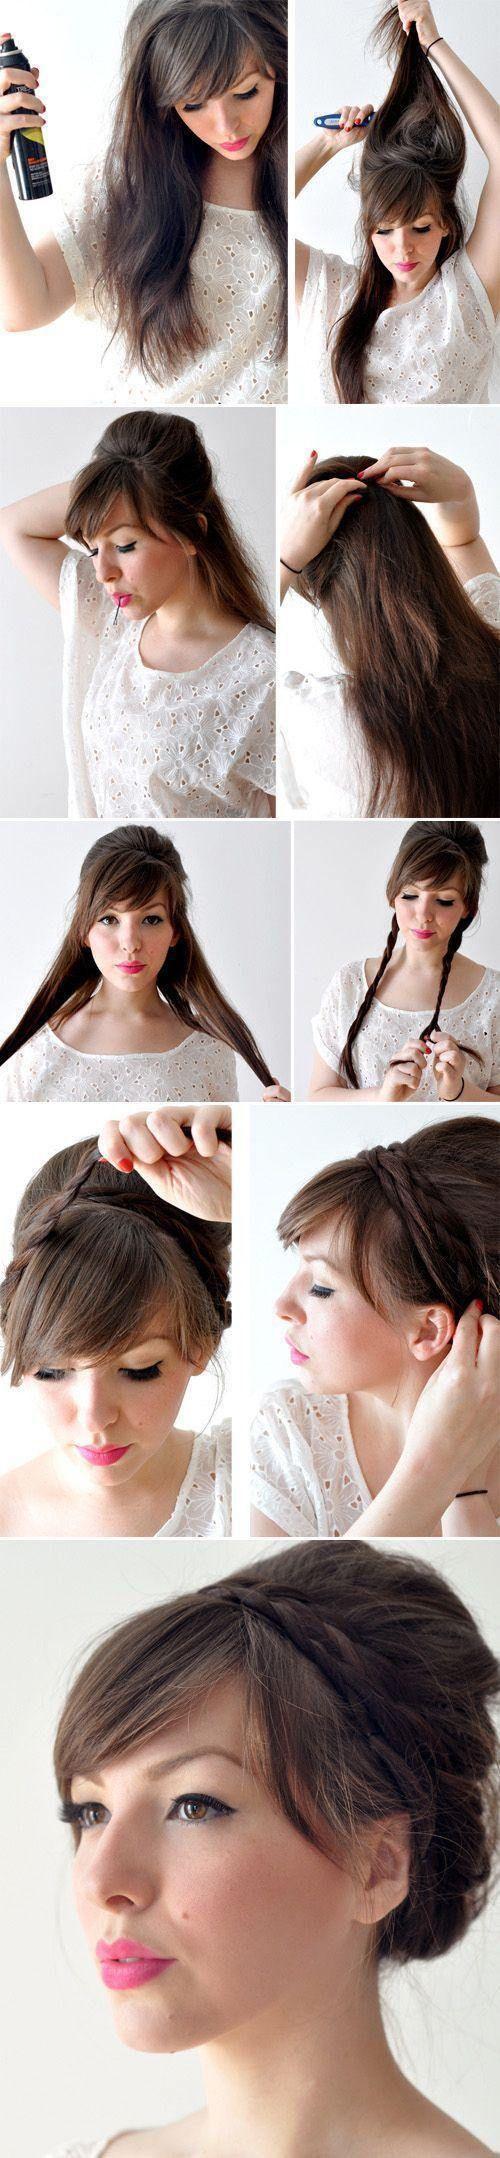 hair ideas for long hair do it yourself | hair styles 3 Do it yourself hairstyle...